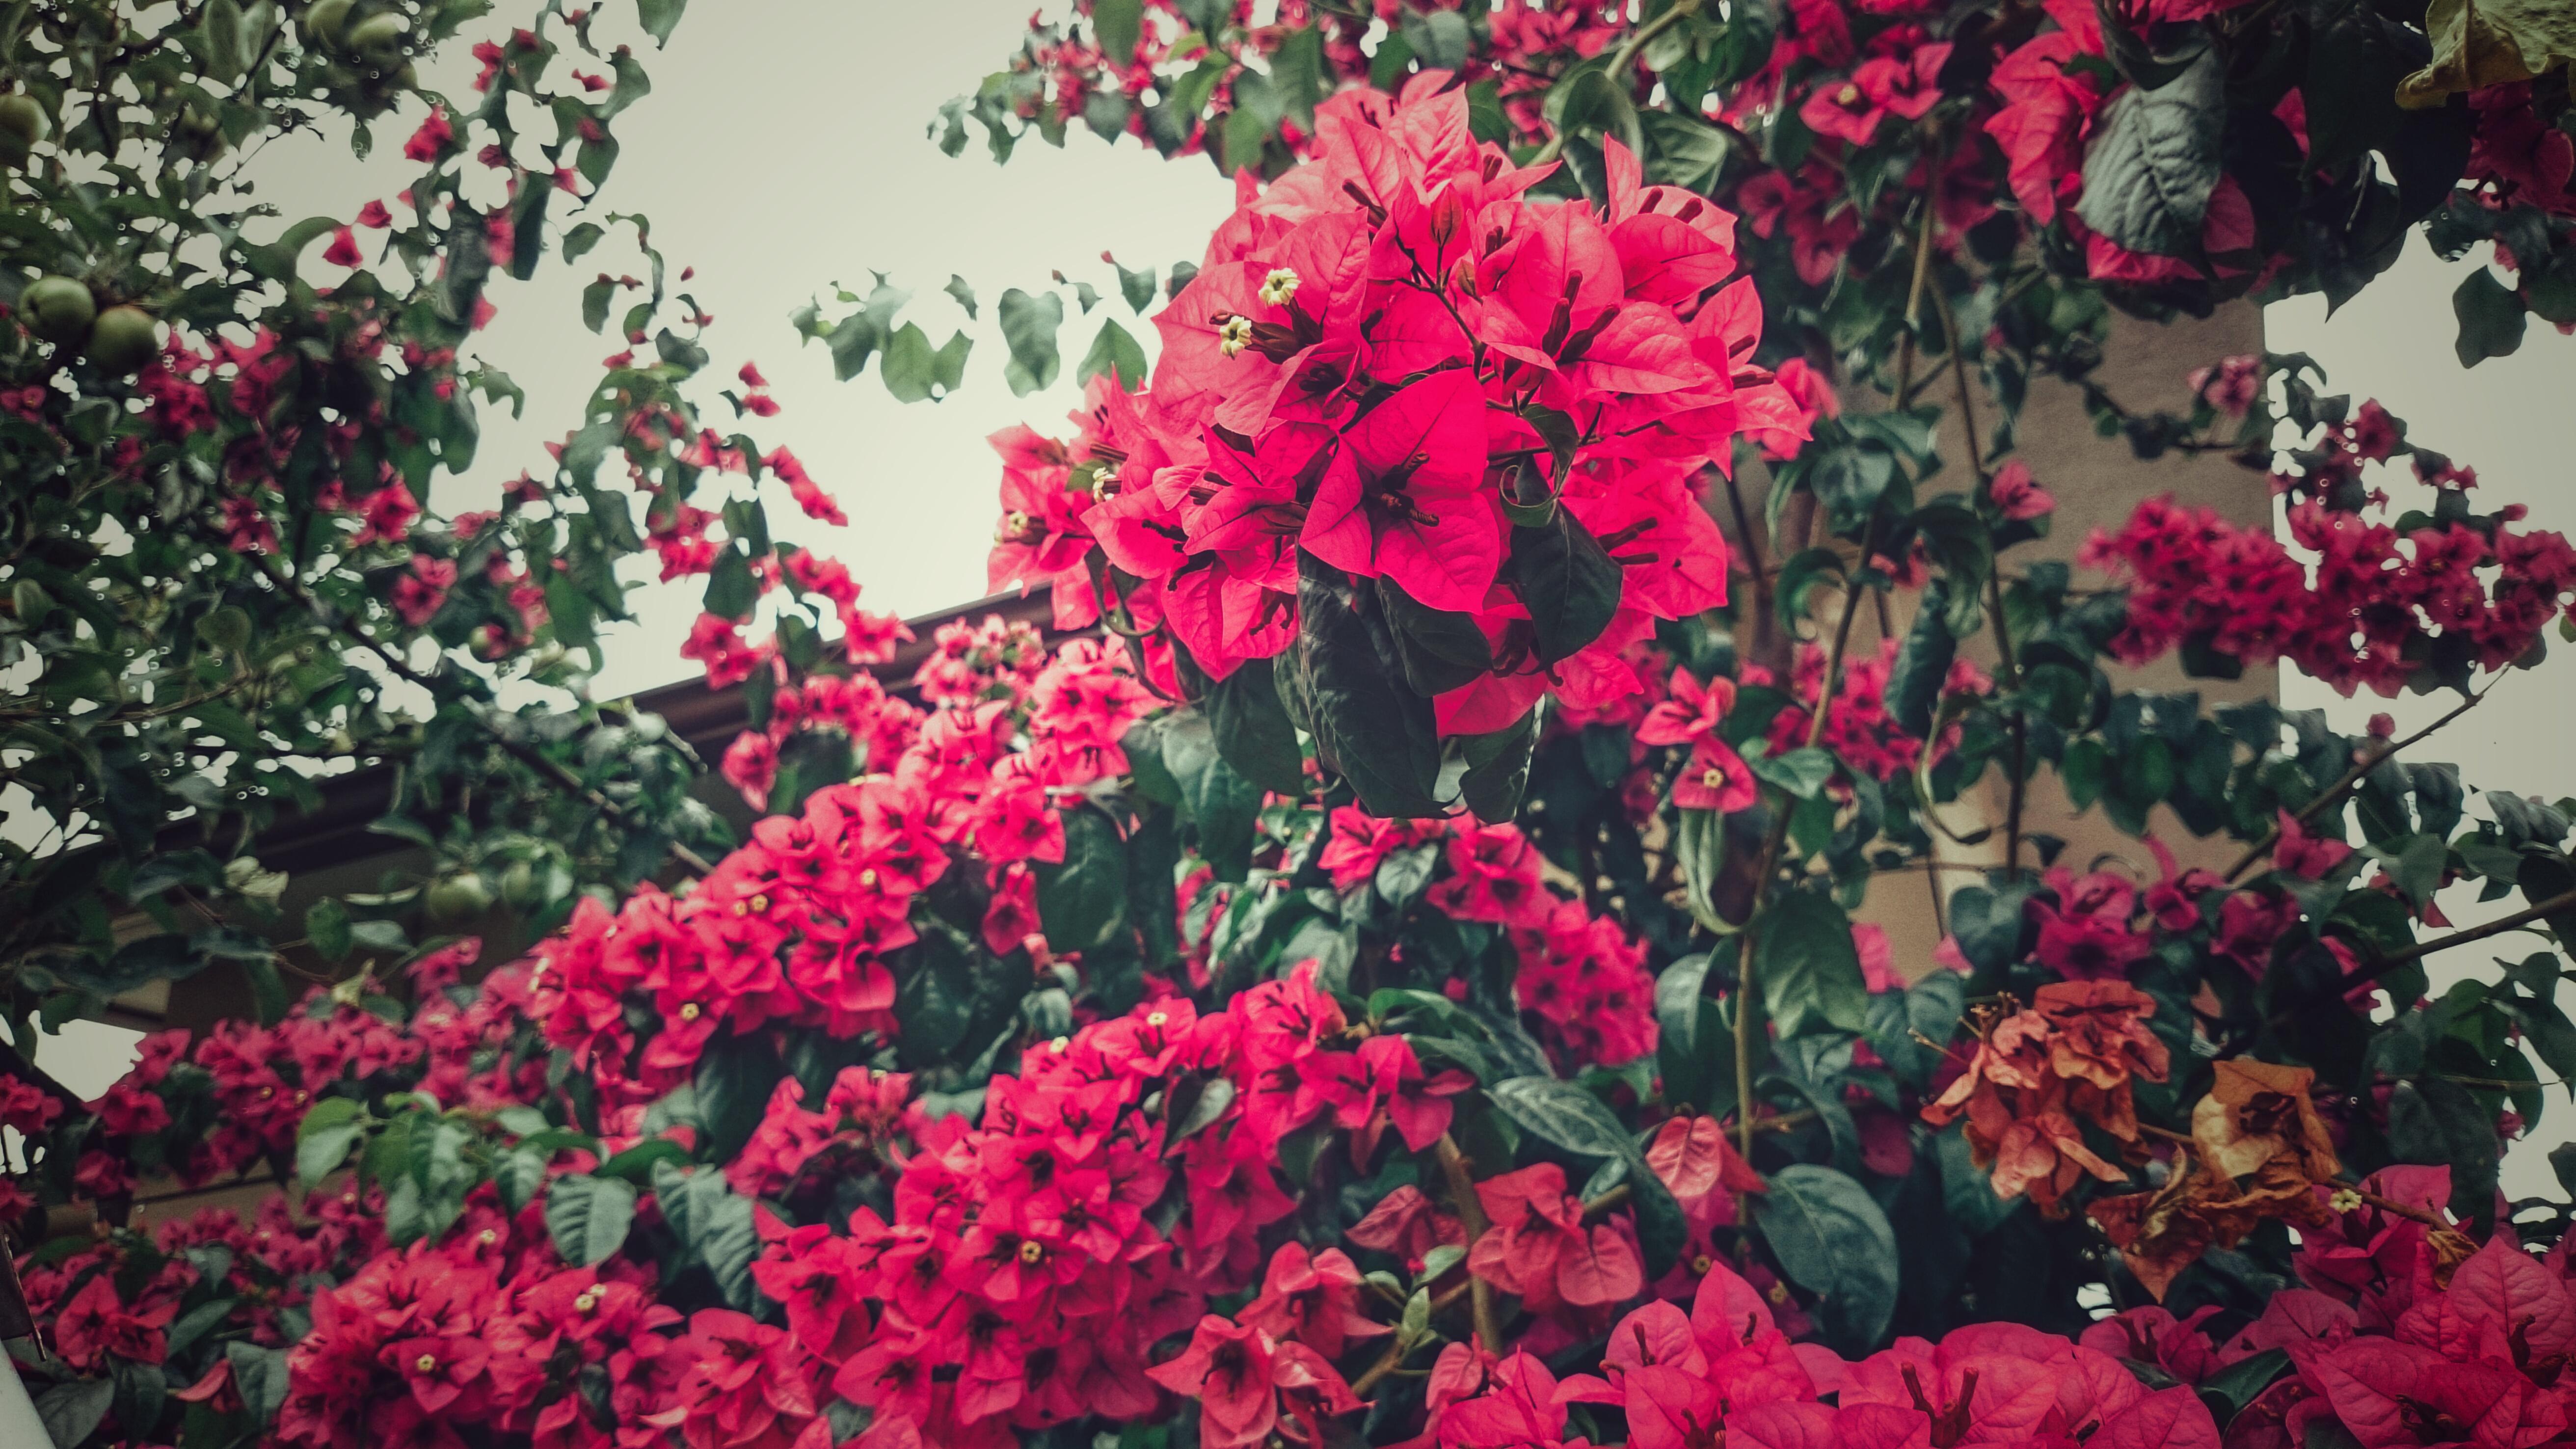 Images Gratuites : des arbres, vert, branches, ciel, feuilles, fleur ...